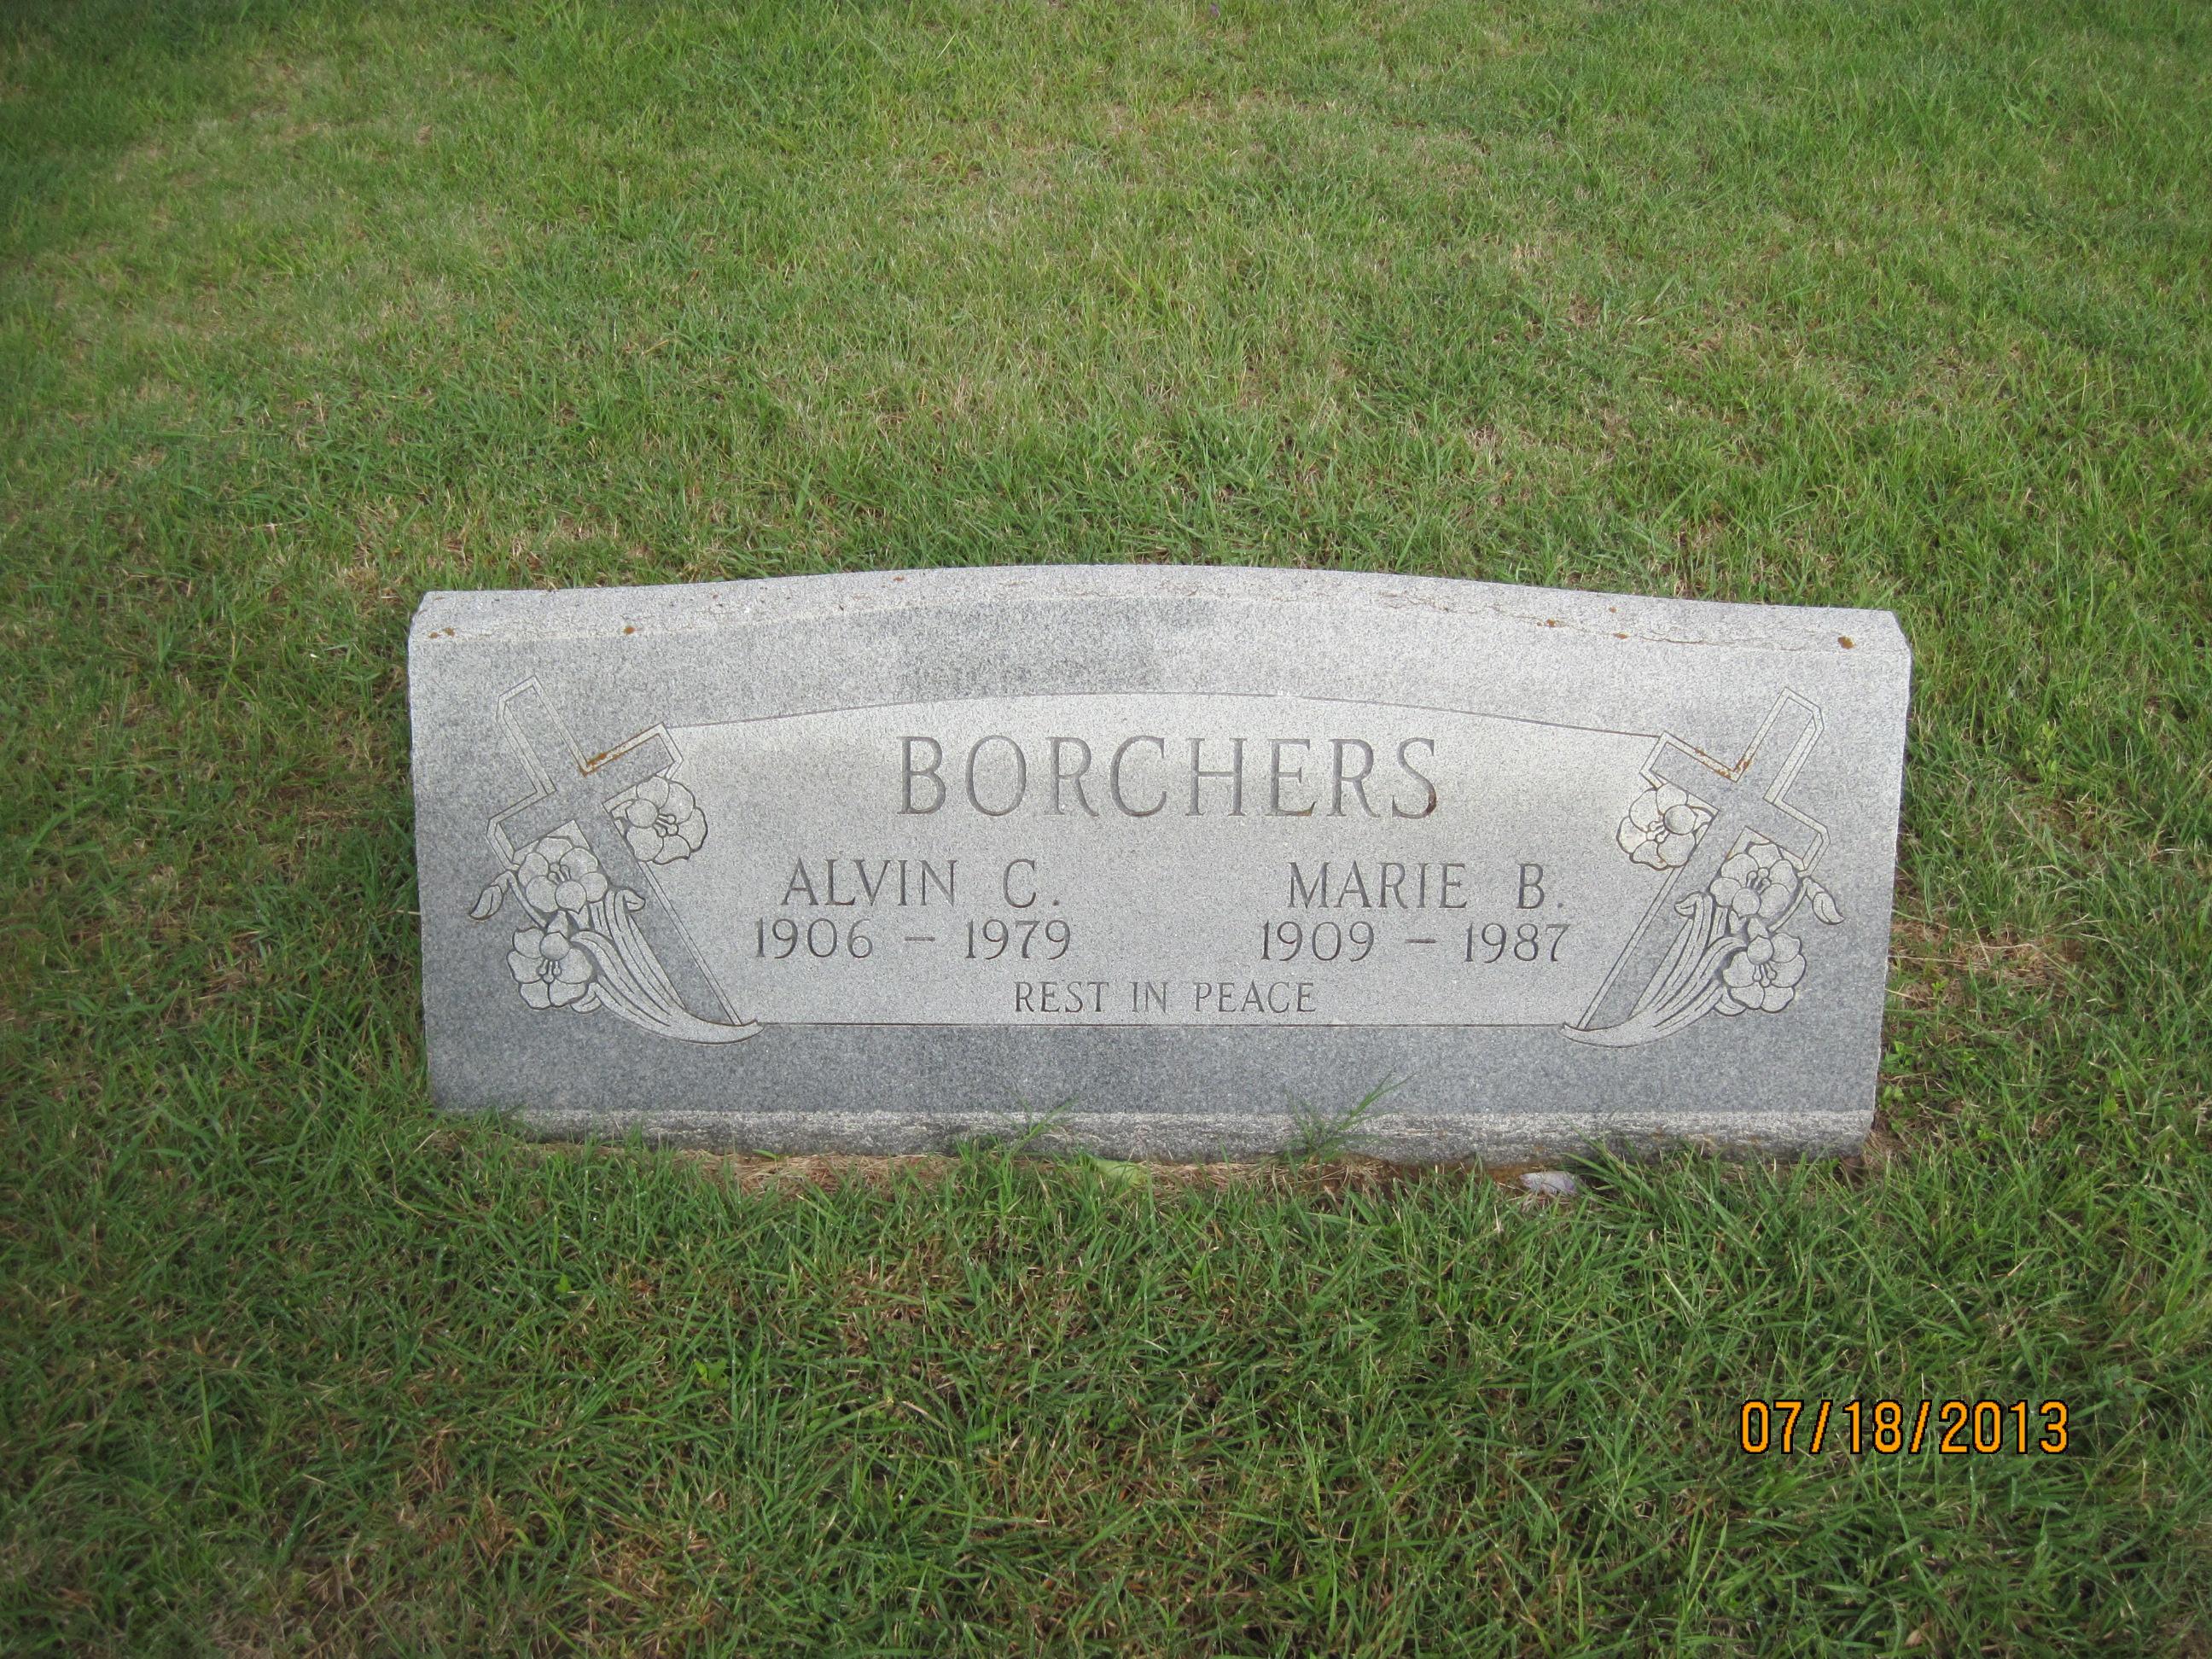 Alvin C. Borchers